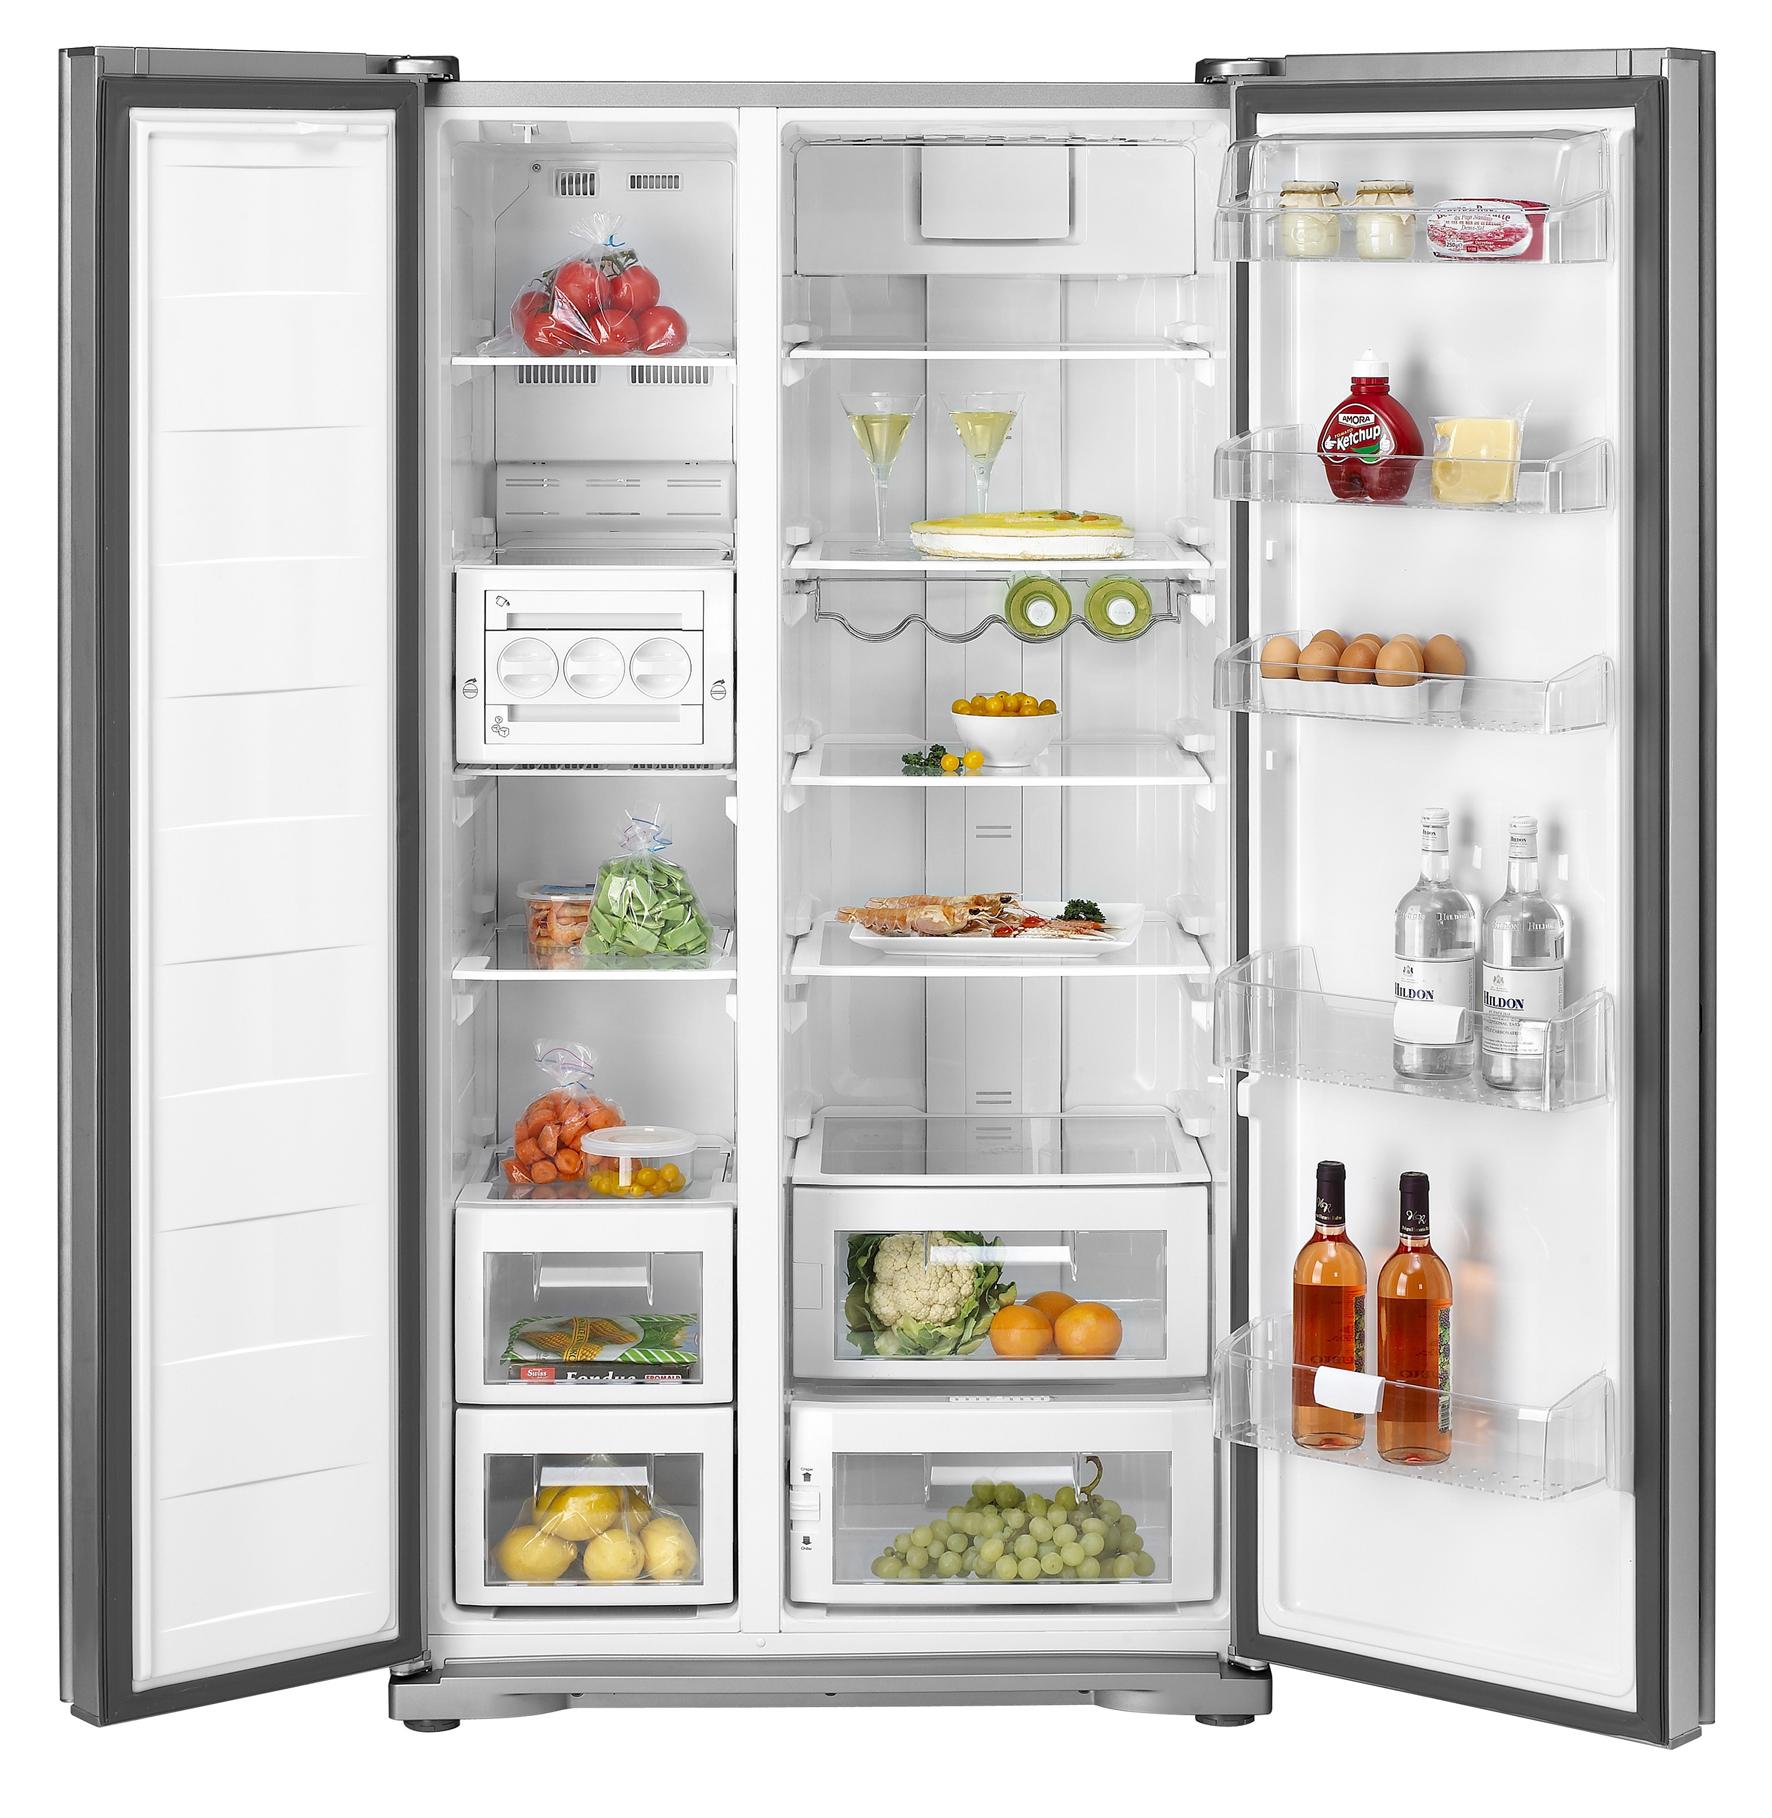 11 thực phẩm không nên bảo quản trong tủ lạnh